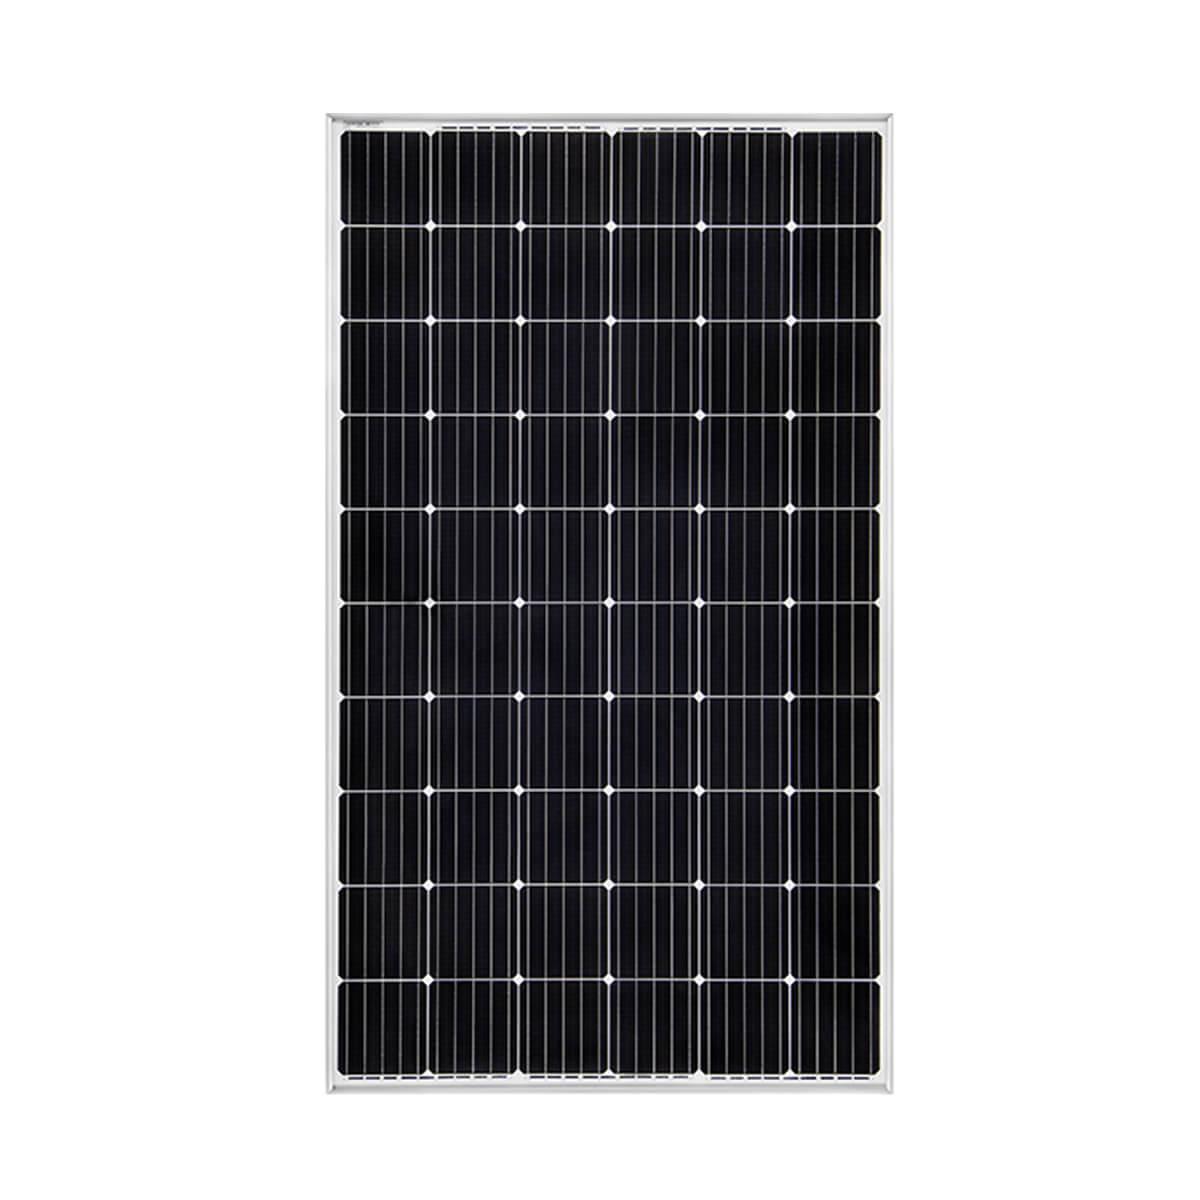 plurawatt 335W panel, plurawatt 335Watt panel, plurawatt 335 W panel, plurawatt 335 Watt panel, plurawatt 335 Watt monokristal panel, plurawatt 335 W watt gunes paneli, plurawatt 335 W watt monokristal gunes paneli, plurawatt 335 W Watt fotovoltaik monokristal solar panel, plurawatt 335W monokristal gunes enerjisi, plurawatt dc-l60-335W panel, PLURAWATT 335 WATT